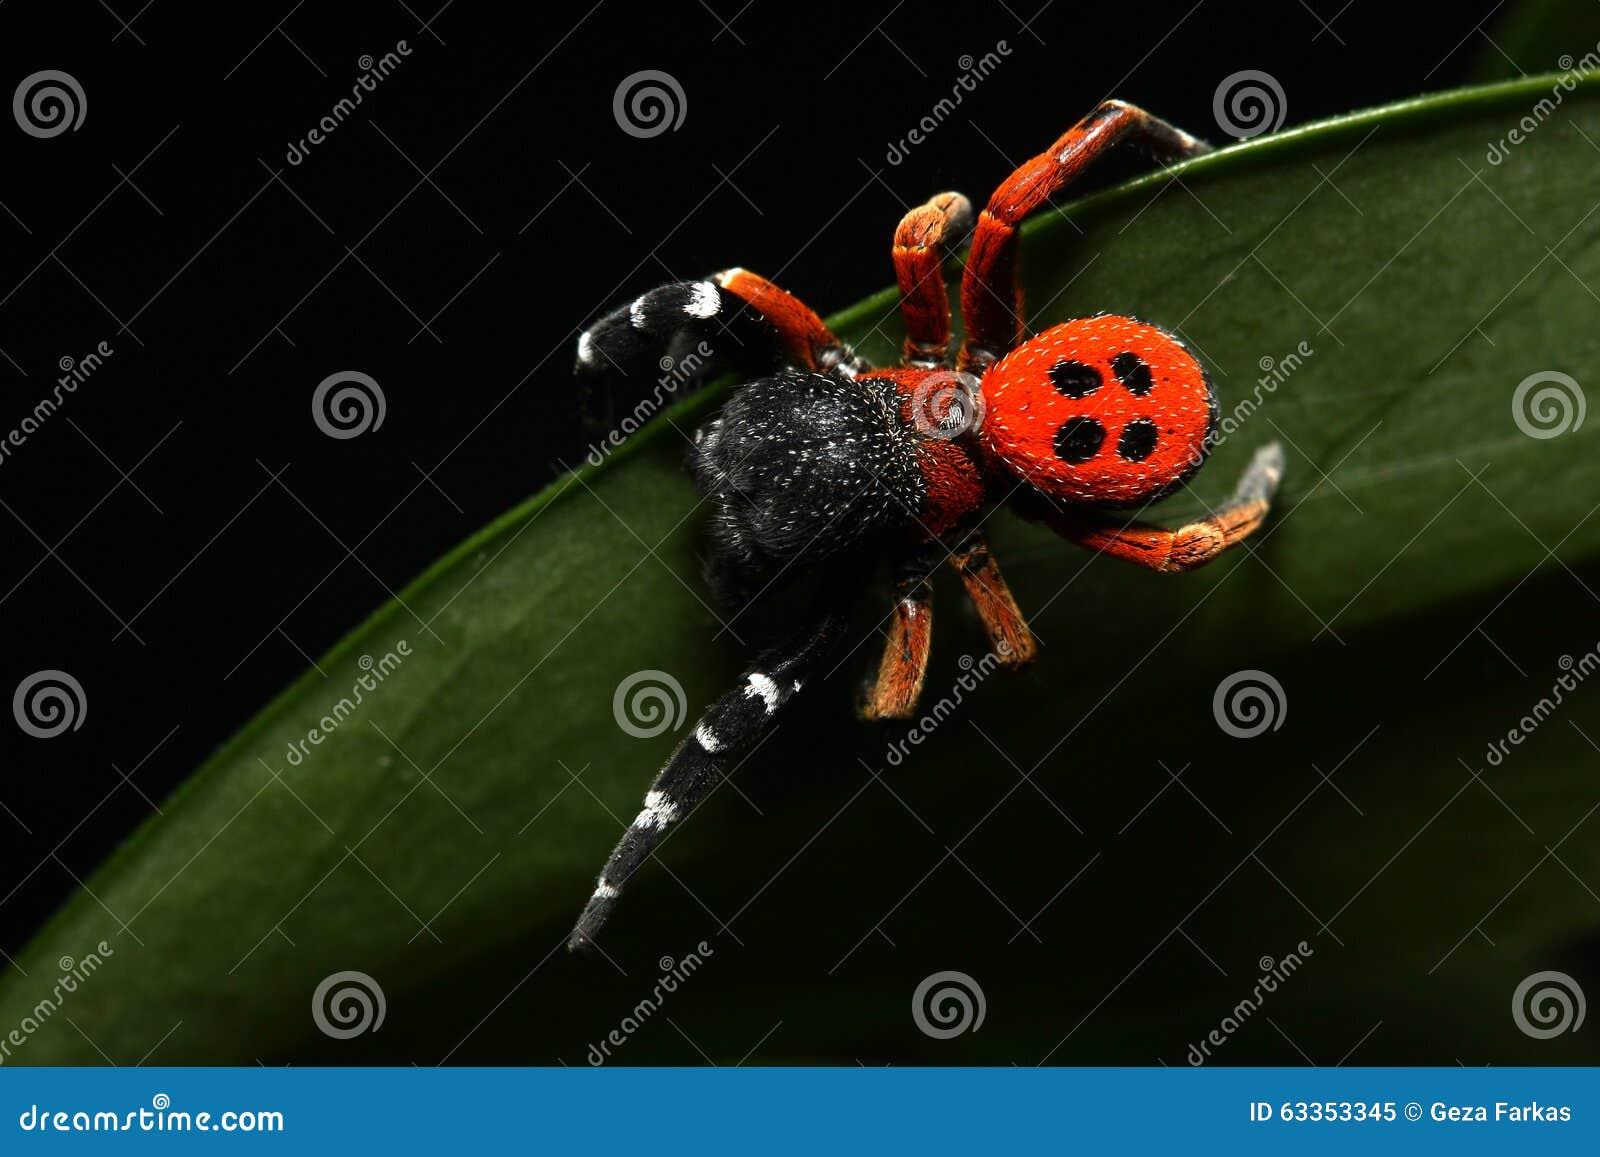 Red lady bird spider